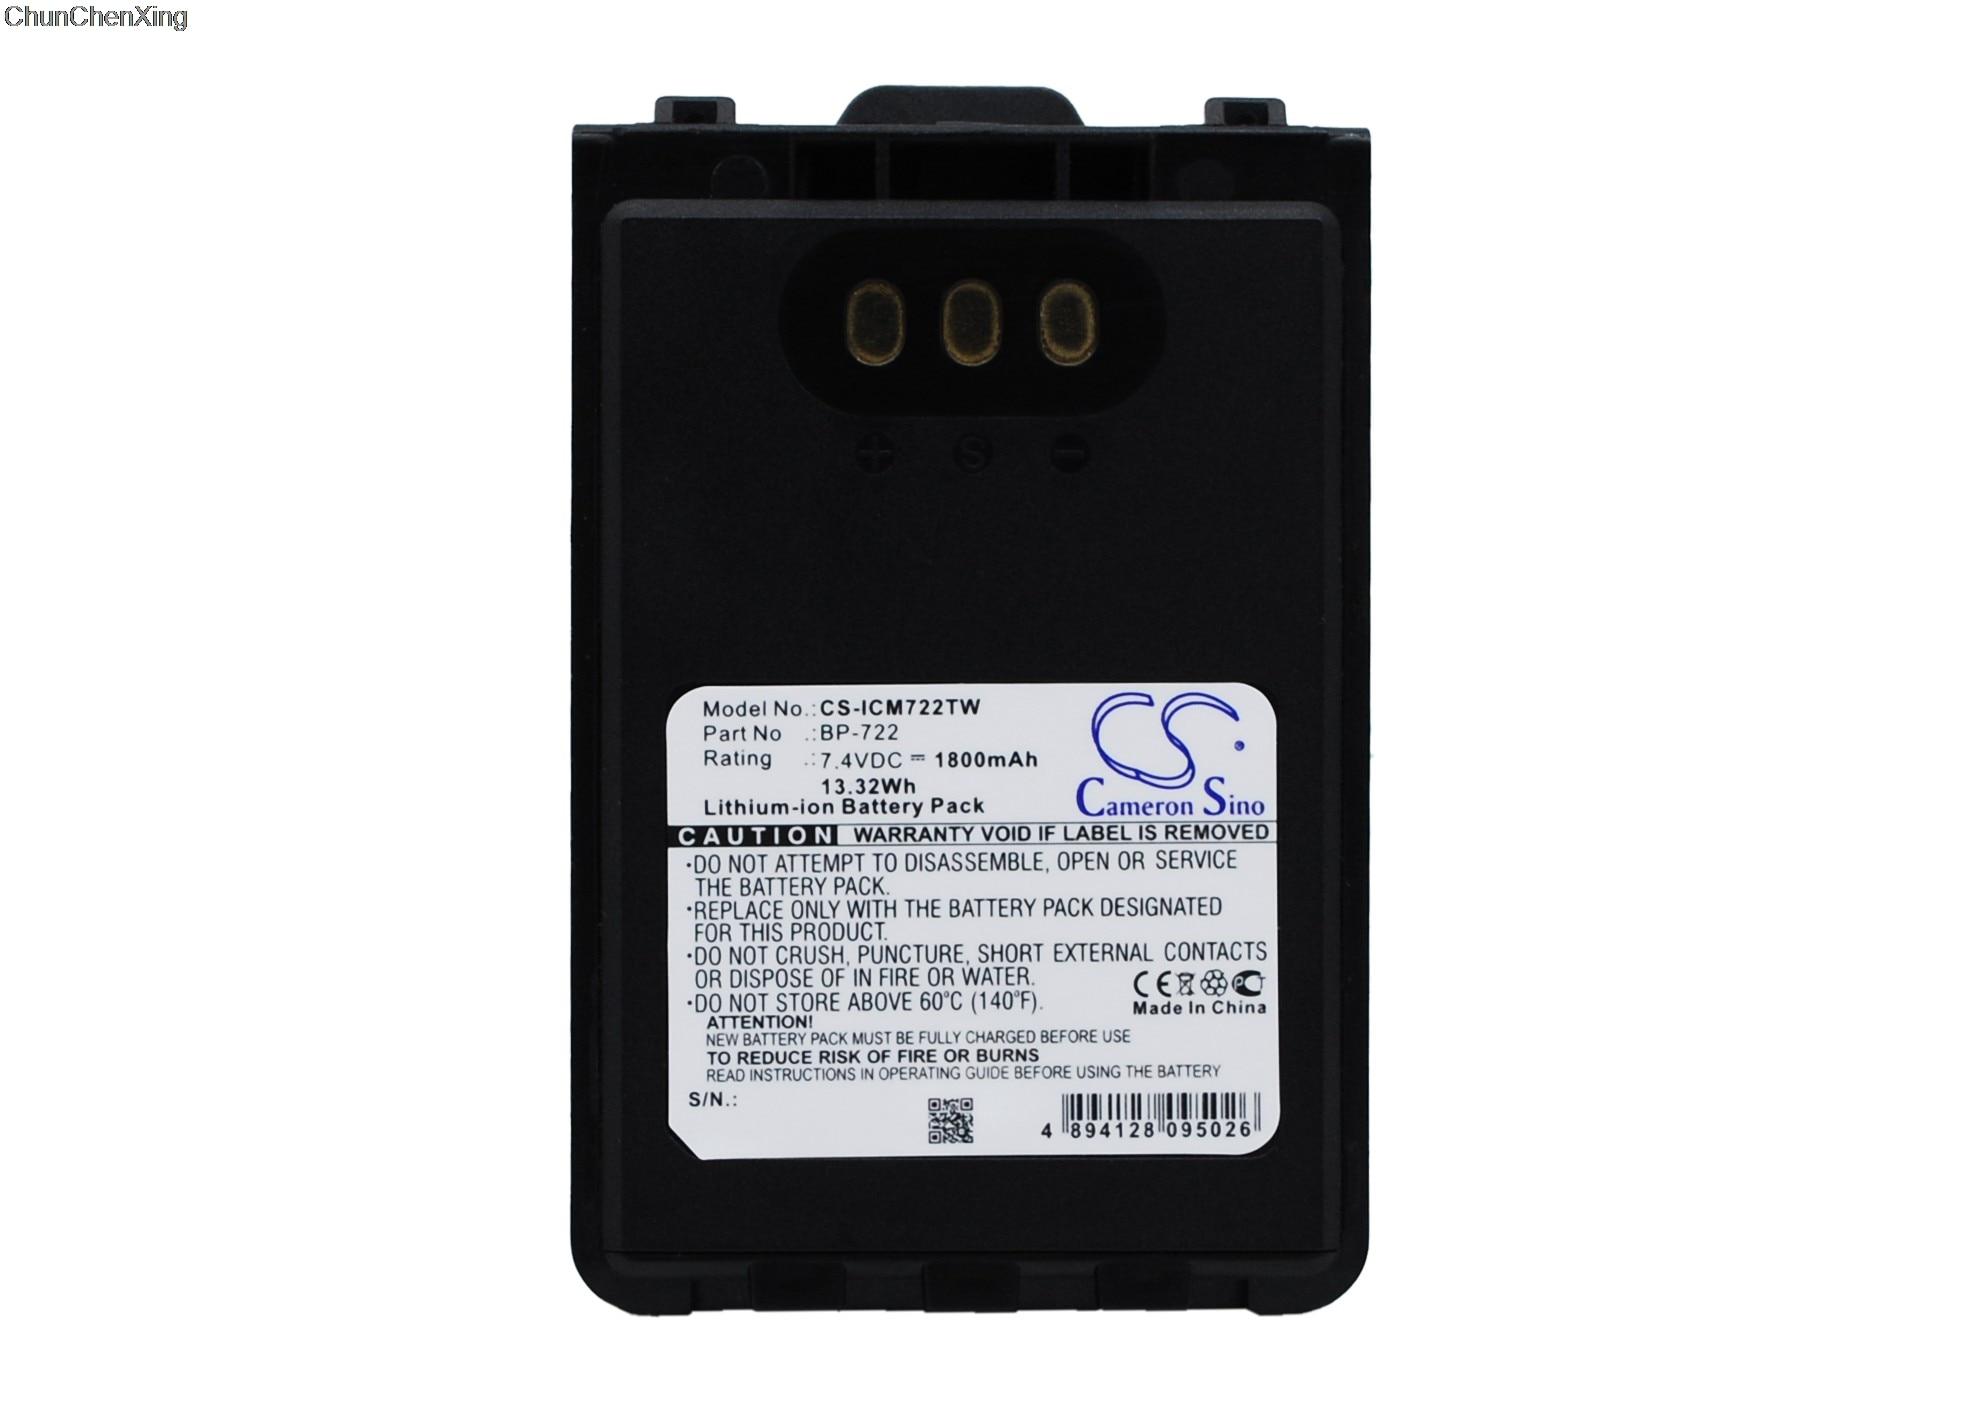 Cameron sino 1800 mah bateria BP-722 para icom ID-31A, ID-31E, ID-51A, ID-51E